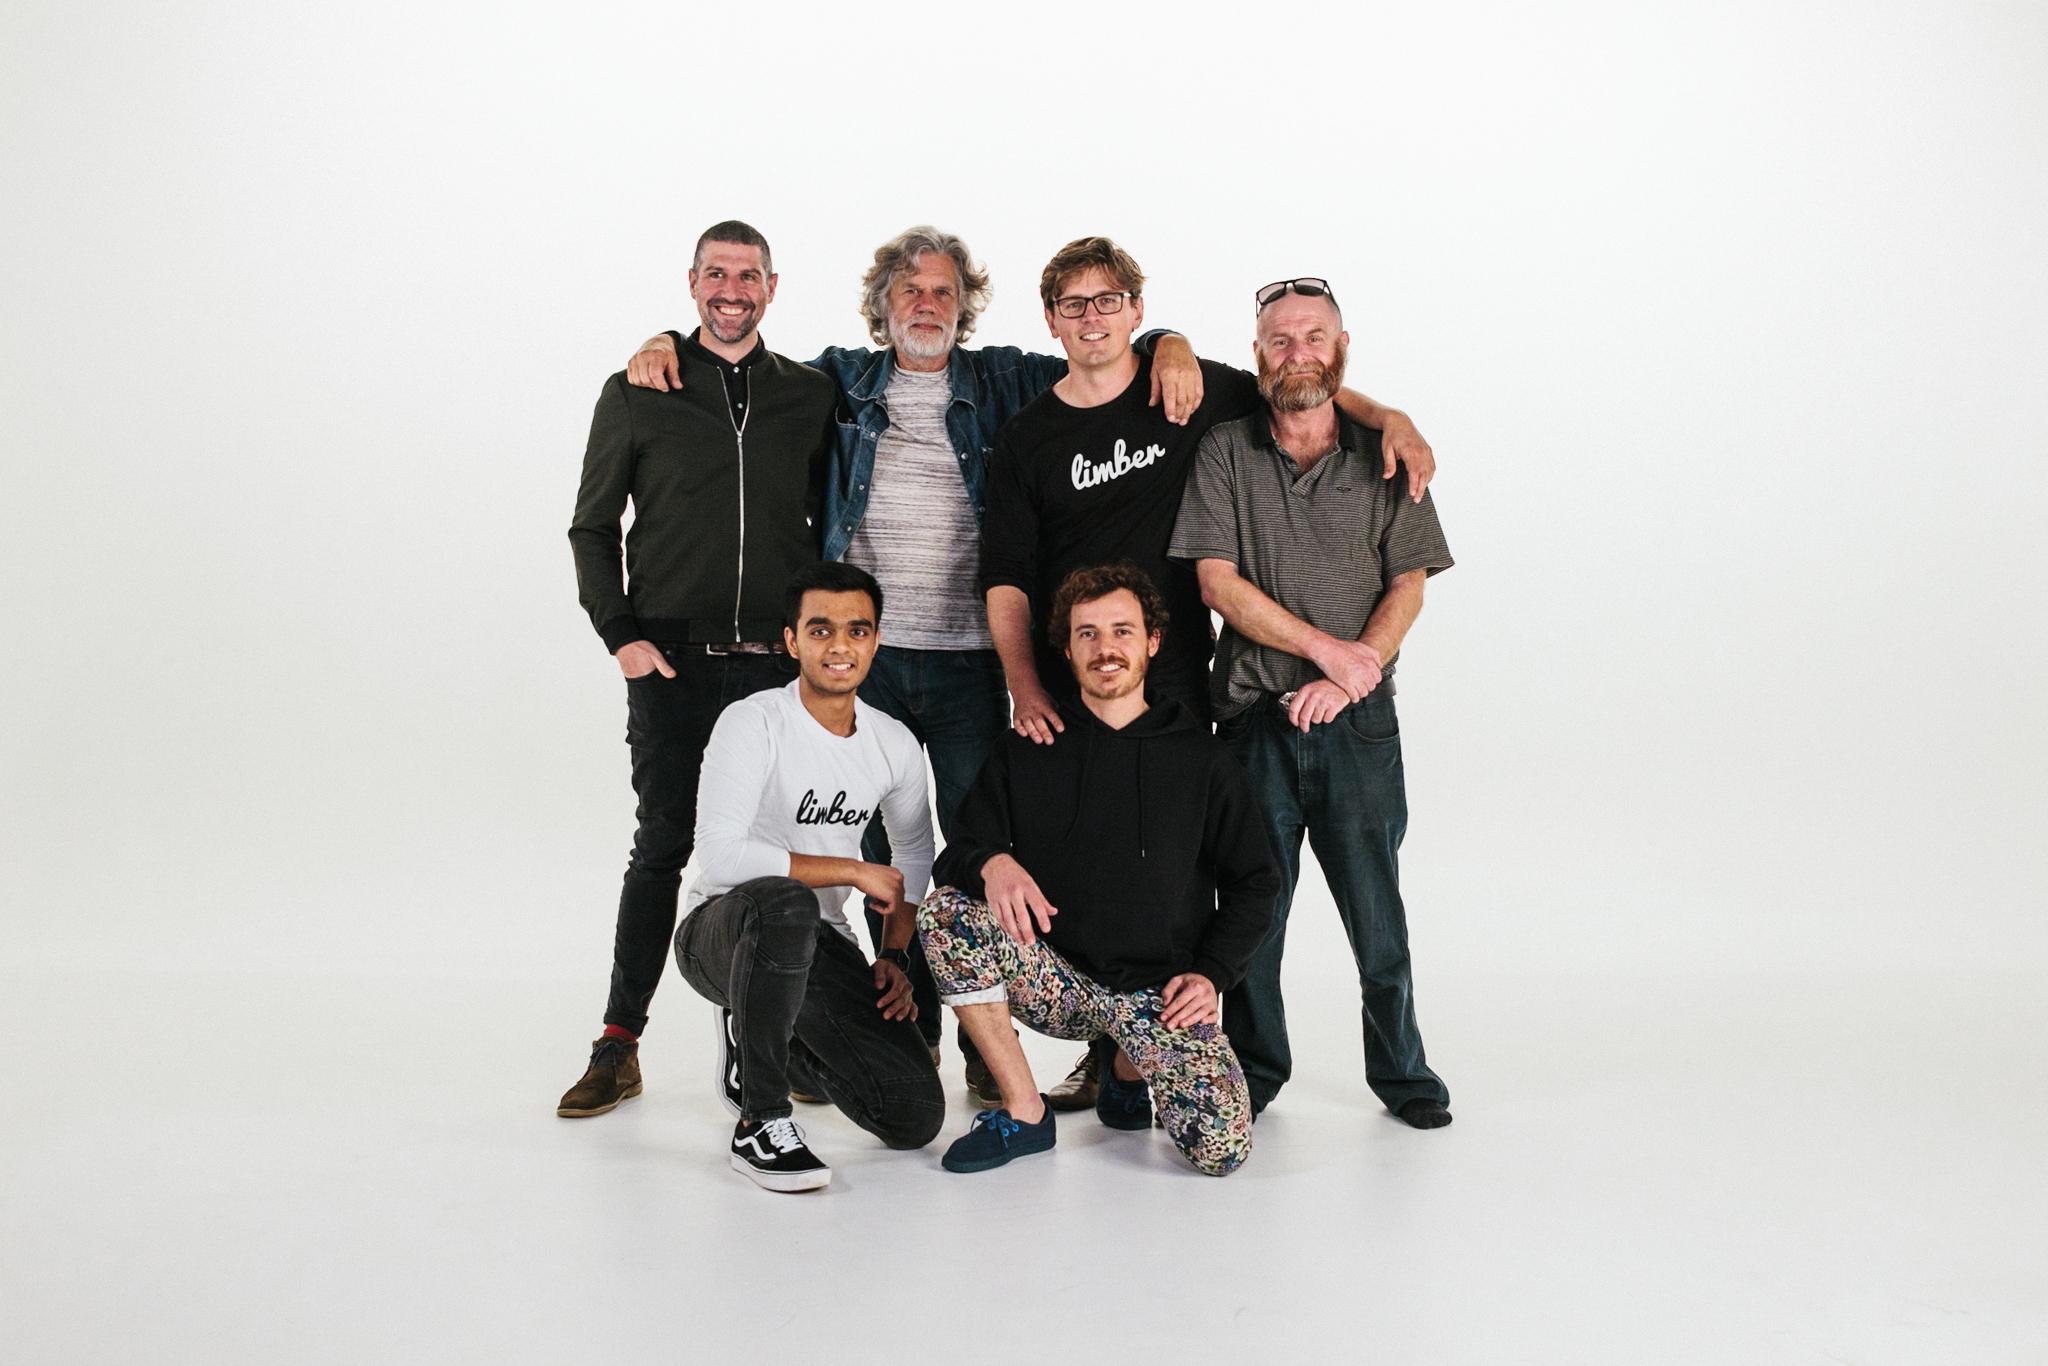 Limber Team